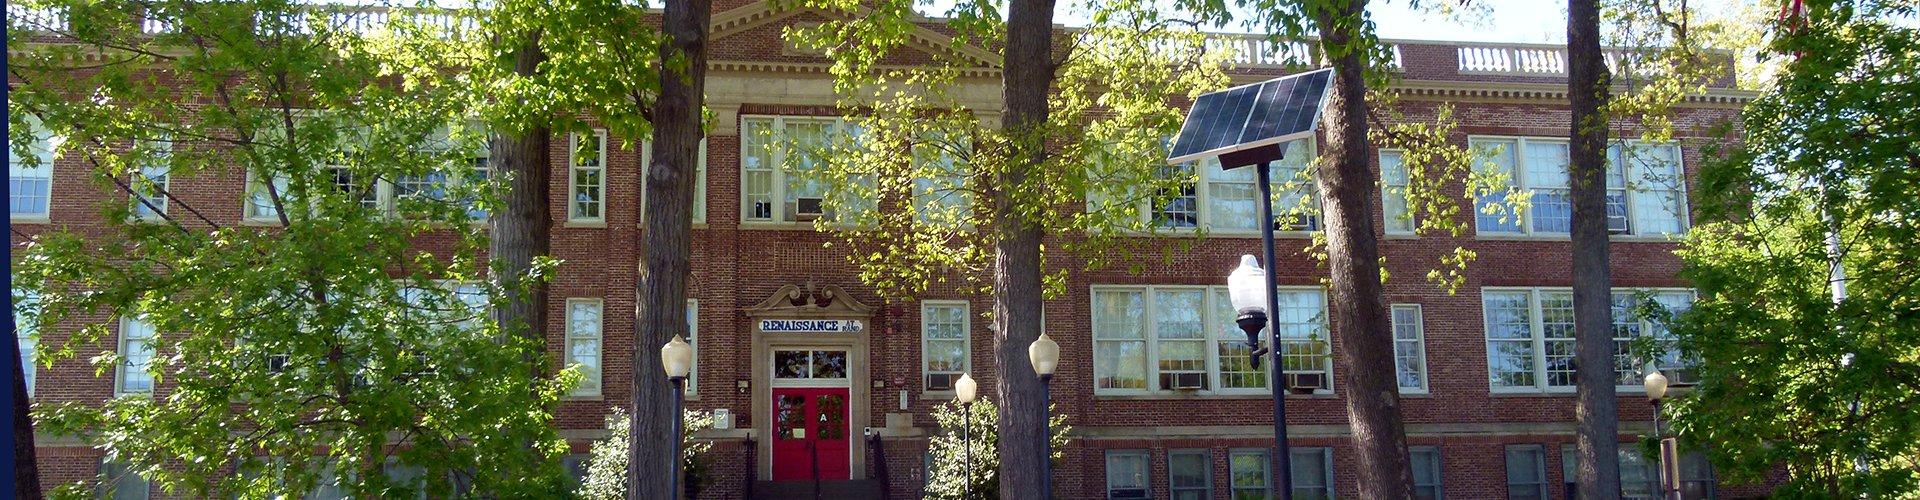 Renaissance Middle School